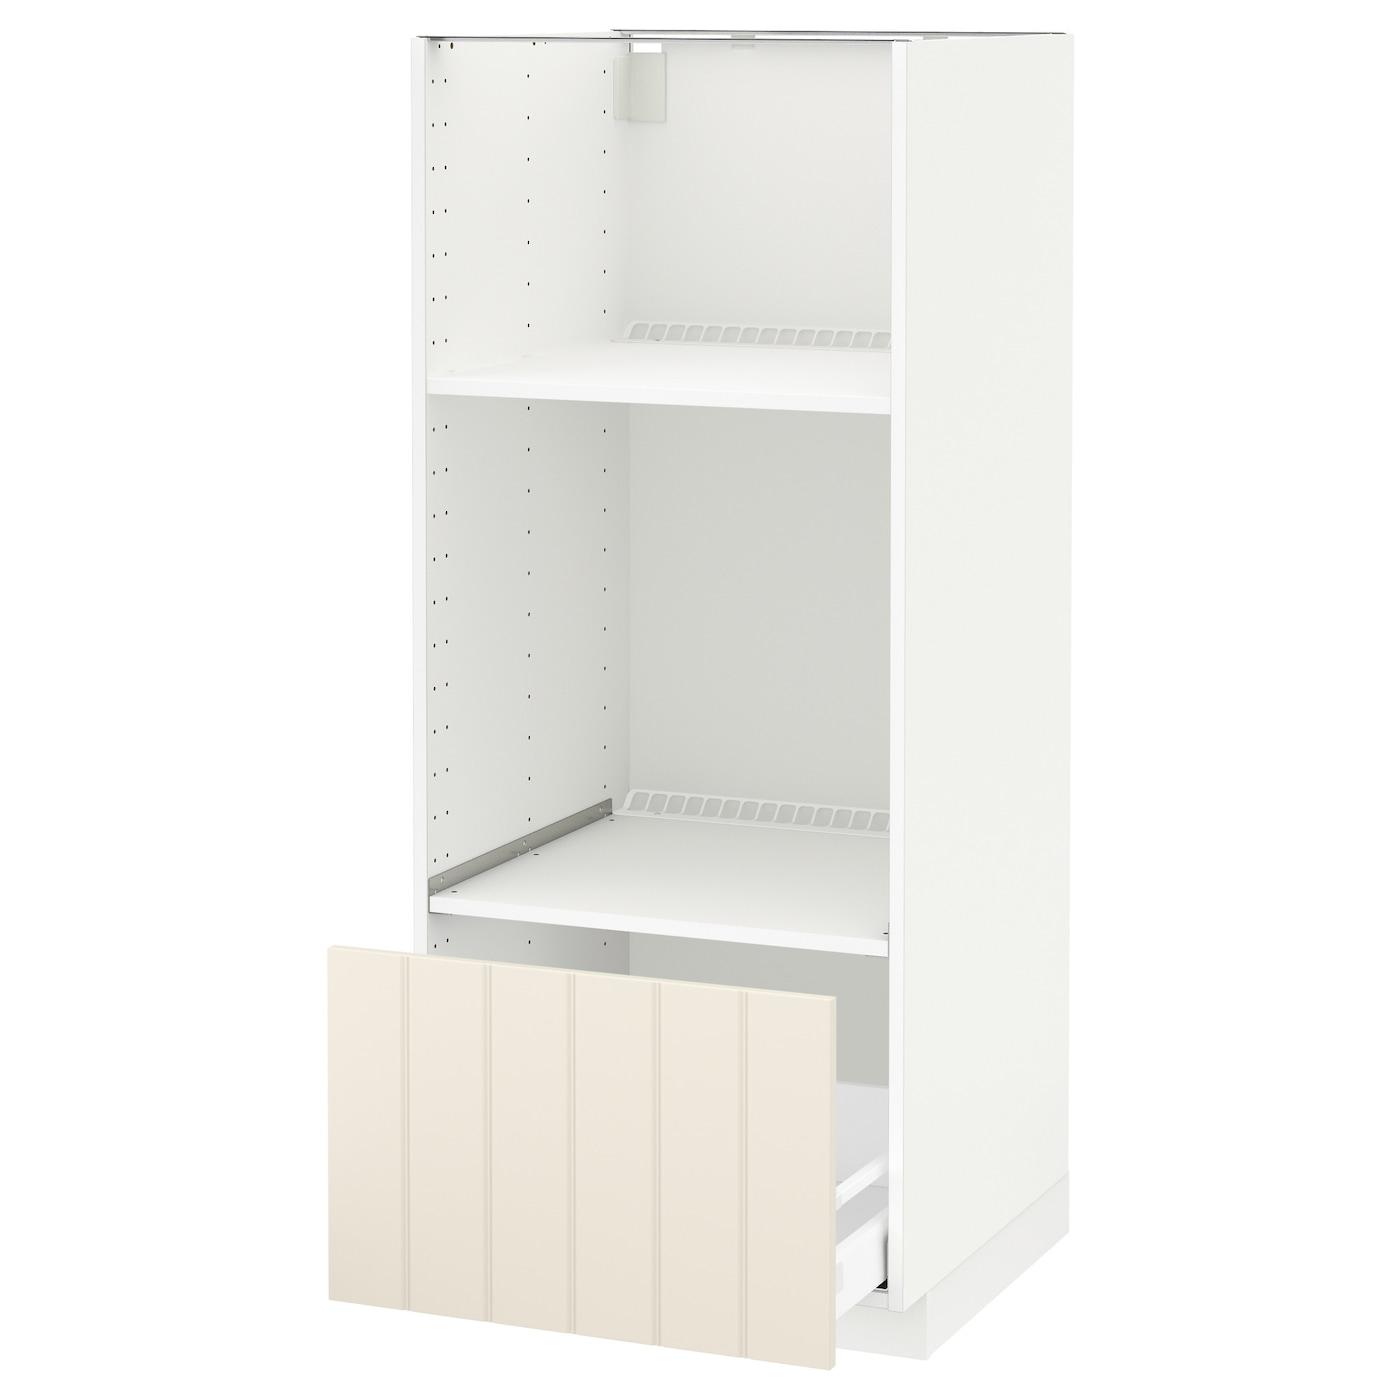 Full Size of Ikea Kche Einbauschrnke Metod Kchenmbel Kchenschrnke Nolte Küche Schlafzimmer Betten Apothekerschrank Wohnzimmer Nolte Apothekerschrank